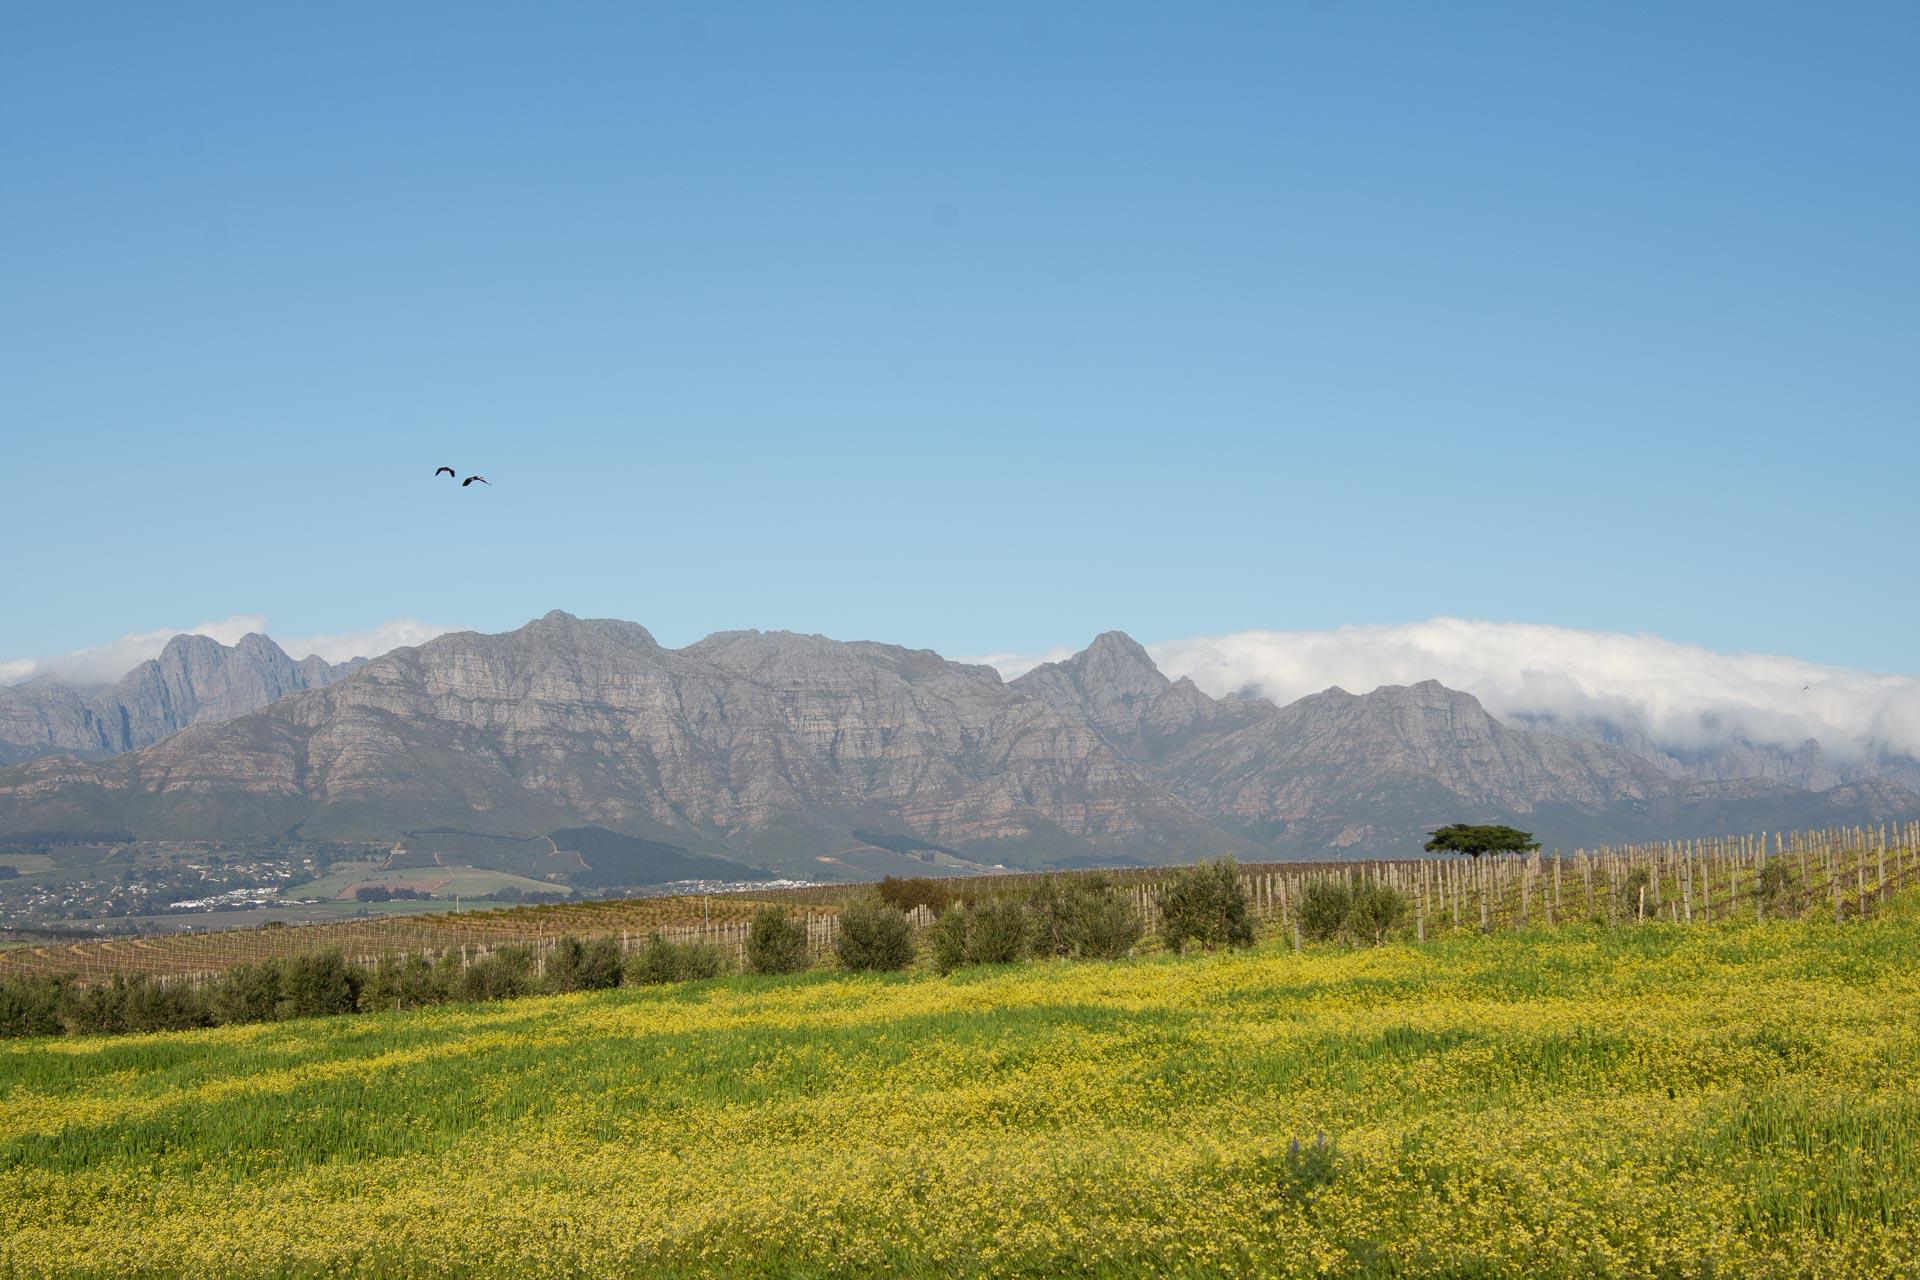 Winelands-Suedafrika-Globetrotter-Select-1